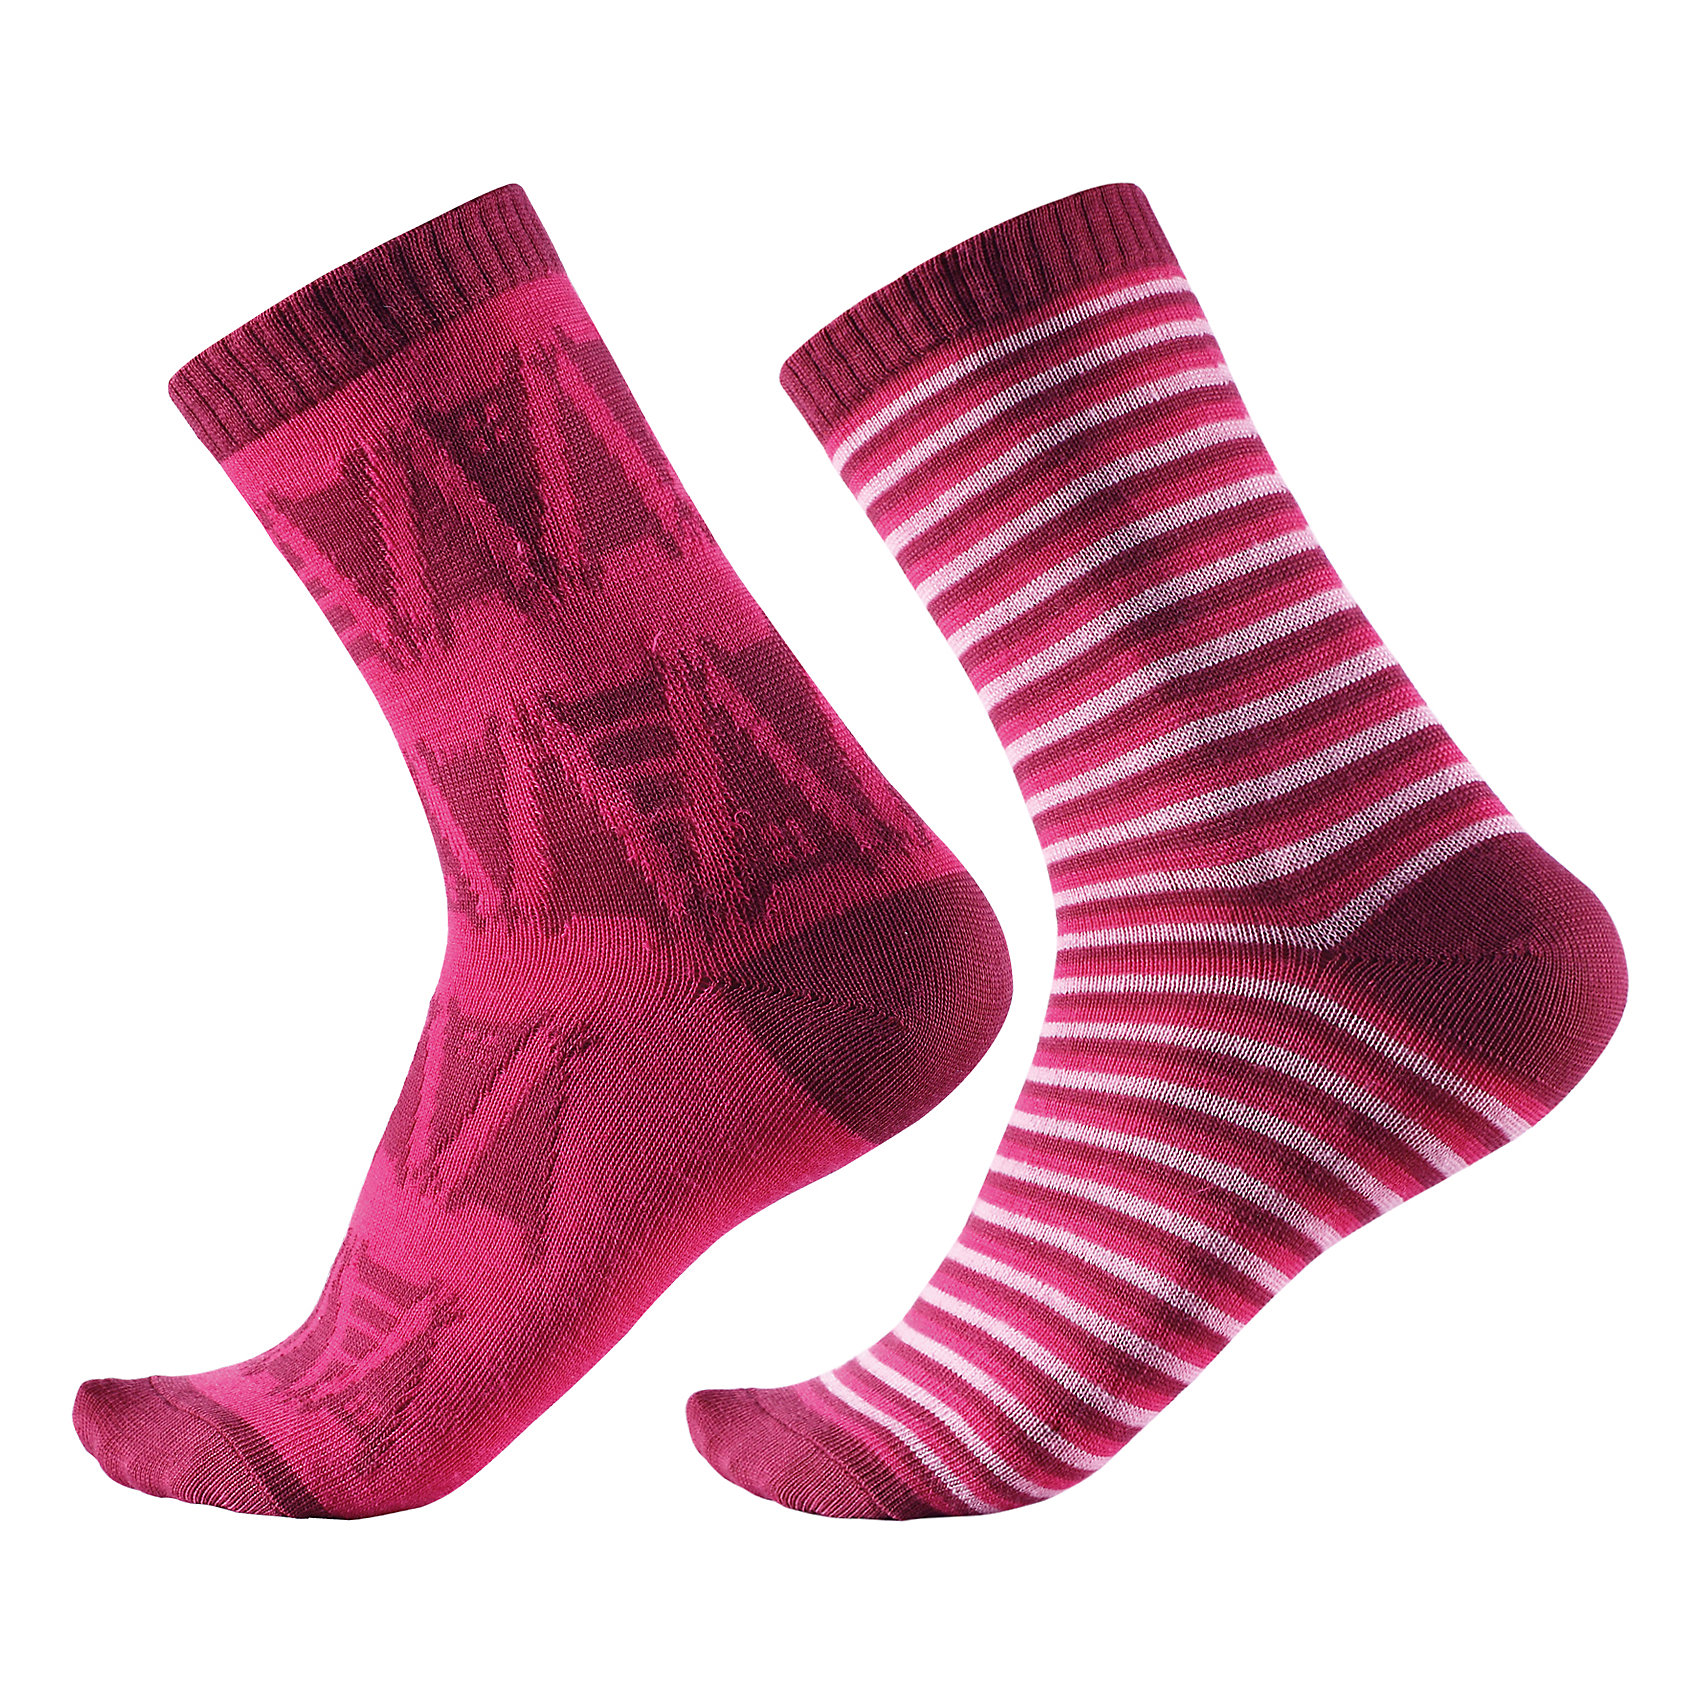 Носки Reima Strum, 2 парыНоски<br>Характеристики товара:<br><br>• цвет: розовый;<br>• состав: 55% шерсть, 35% полиэстер, 8% полиамид, 2% эластан;<br>• сезон: зима;<br>• легкая ткань без вставок;<br>• быстро сохнут и сохраняют тепло;<br>• шерсть идеально поддерживает температуру;<br>• страна бренда: Финляндия;<br>• страна изготовитель: Китай.<br><br>Модные и яркие длинные детские носки изготовлены из теплого и мягкого полушерстяного трикотажа. Носки превосходно регулируют температуру, особенно в морозные зимние дни! Эластичный шерстяной трикотаж отлично пропускает воздух и быстро сохнет, поэтому ребенку будет максимально комфортно во время веселых прогулок. Облегченная модель без усилений на подошве.<br><br>Носки Strum Reima от финского бренда Reima (Рейма) можно купить в нашем интернет-магазине.<br><br>Ширина мм: 87<br>Глубина мм: 10<br>Высота мм: 105<br>Вес г: 115<br>Цвет: розовый<br>Возраст от месяцев: 168<br>Возраст до месяцев: 1188<br>Пол: Унисекс<br>Возраст: Детский<br>Размер: 34-37,22-25,26-29,30-33<br>SKU: 6902053